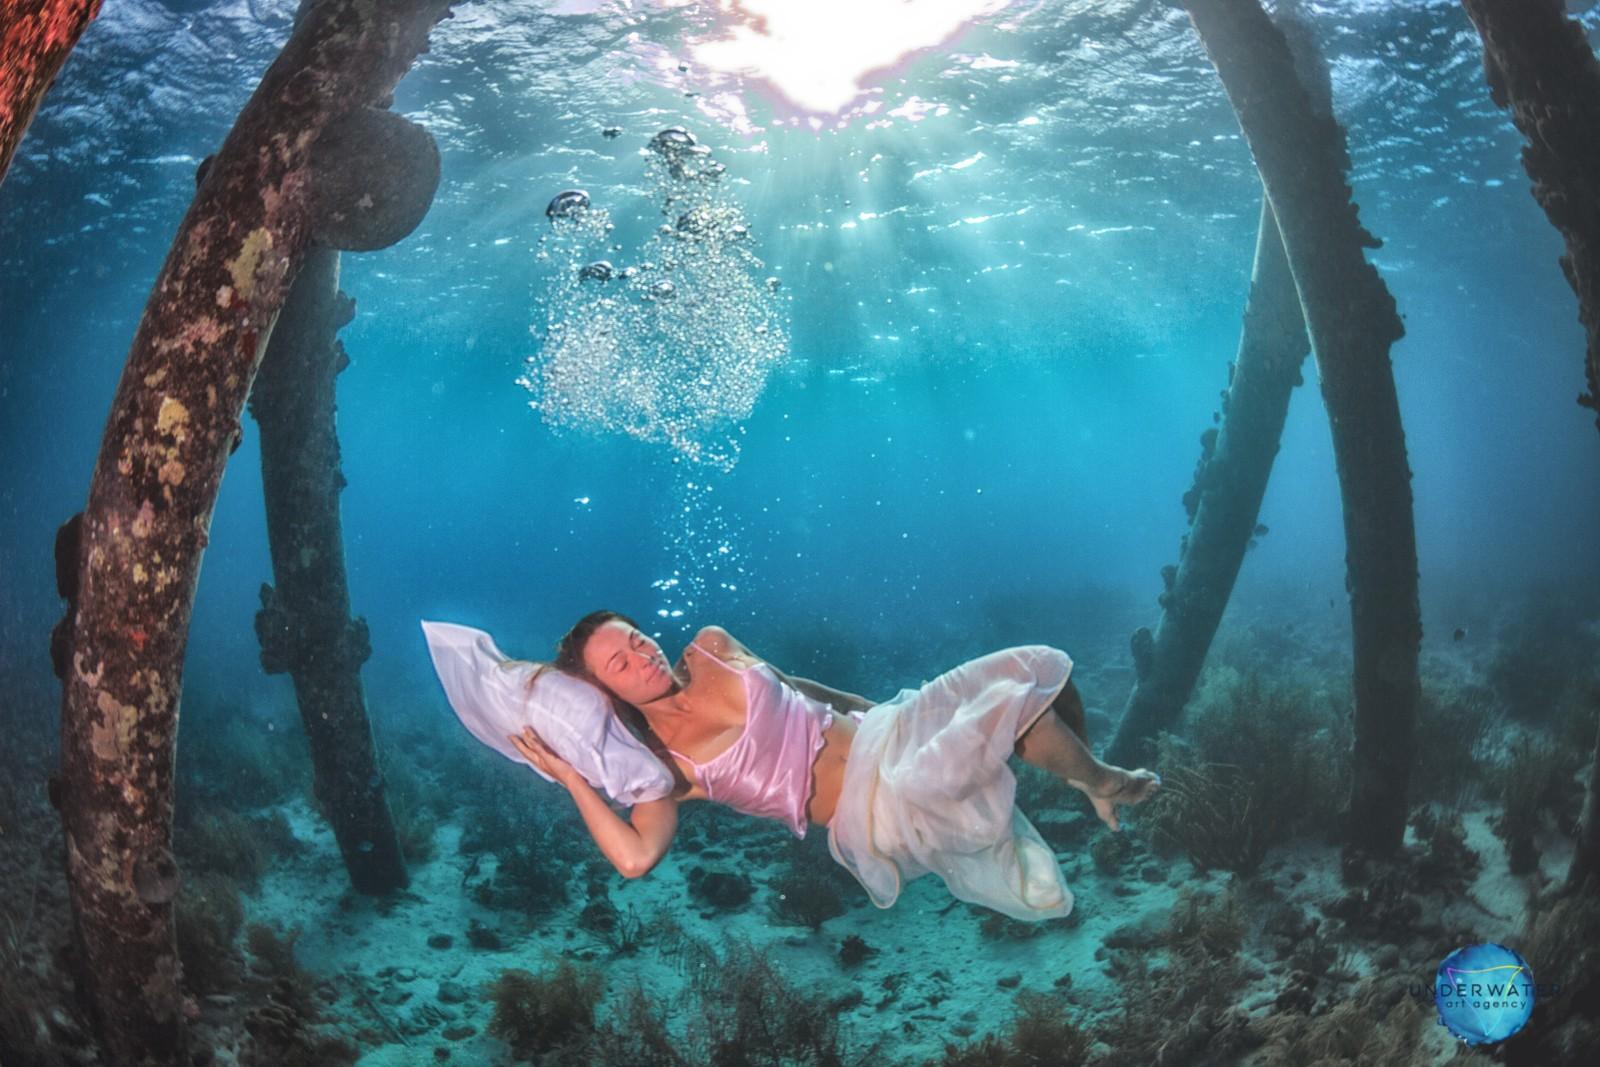 На одном дыхании. Агентство подводной съемки, созданное фридайверами